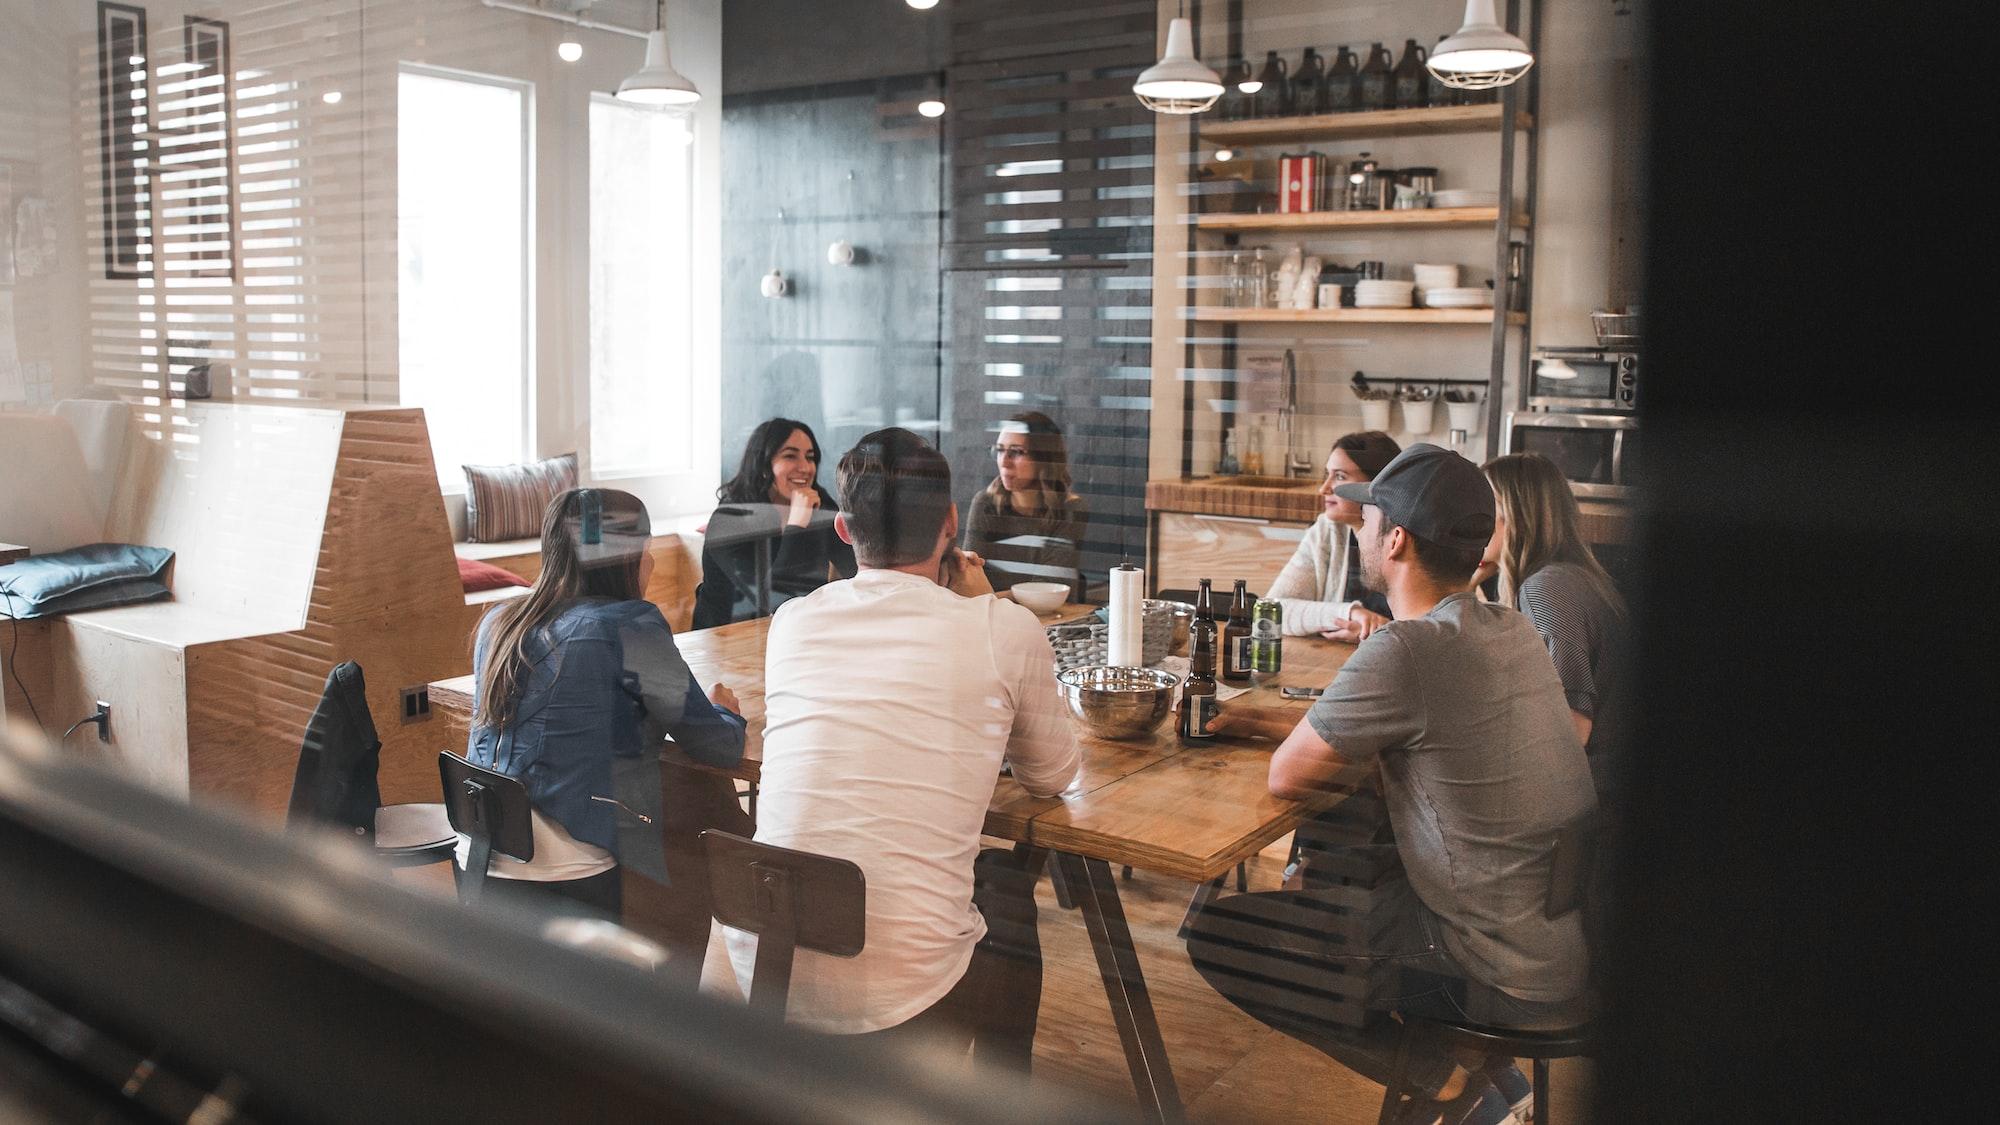 Las asambleas virtuales en las reuniones y juntas empresariales